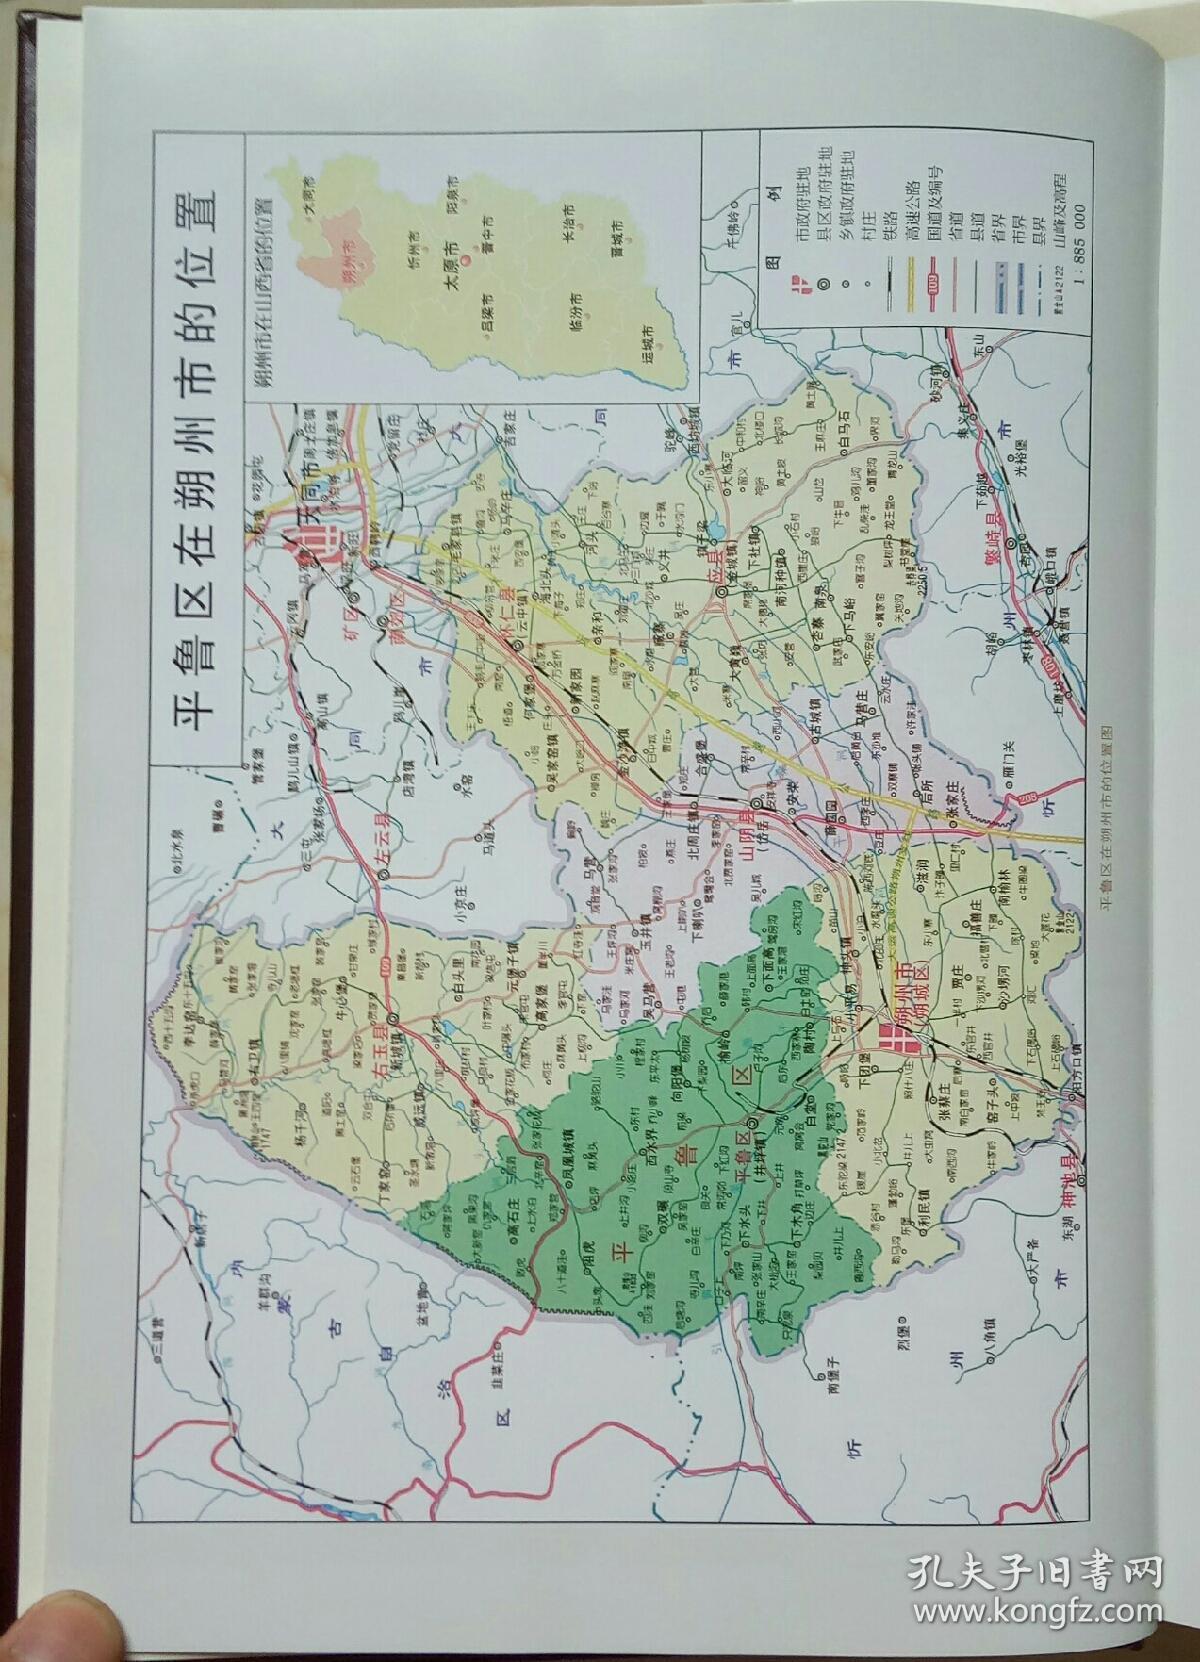 山西省各区人口_山西省人口分布图(2)